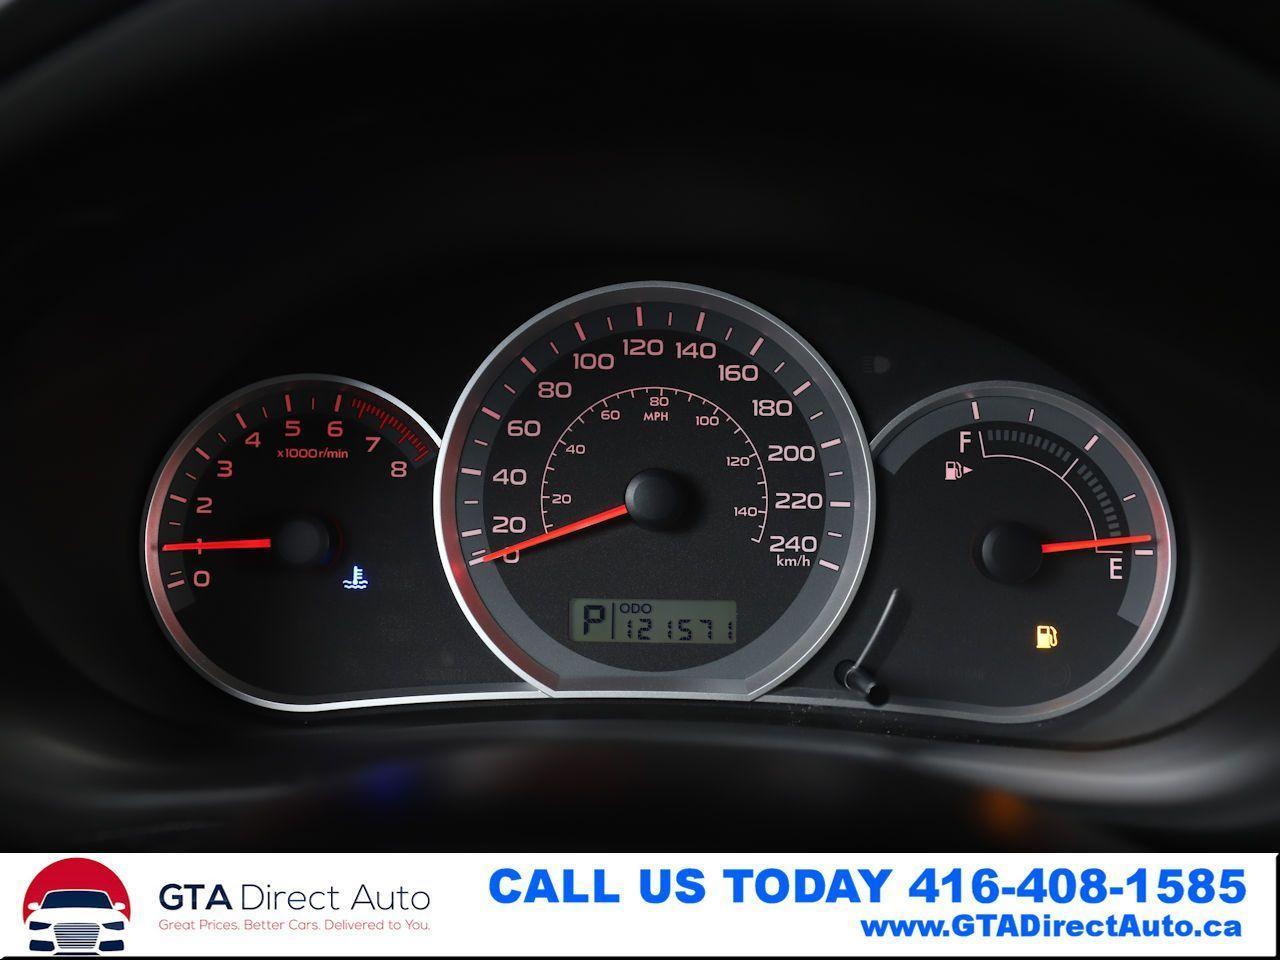 Used 2009 Subaru Impreza 2 5i AWD Auto Cruise Alarm